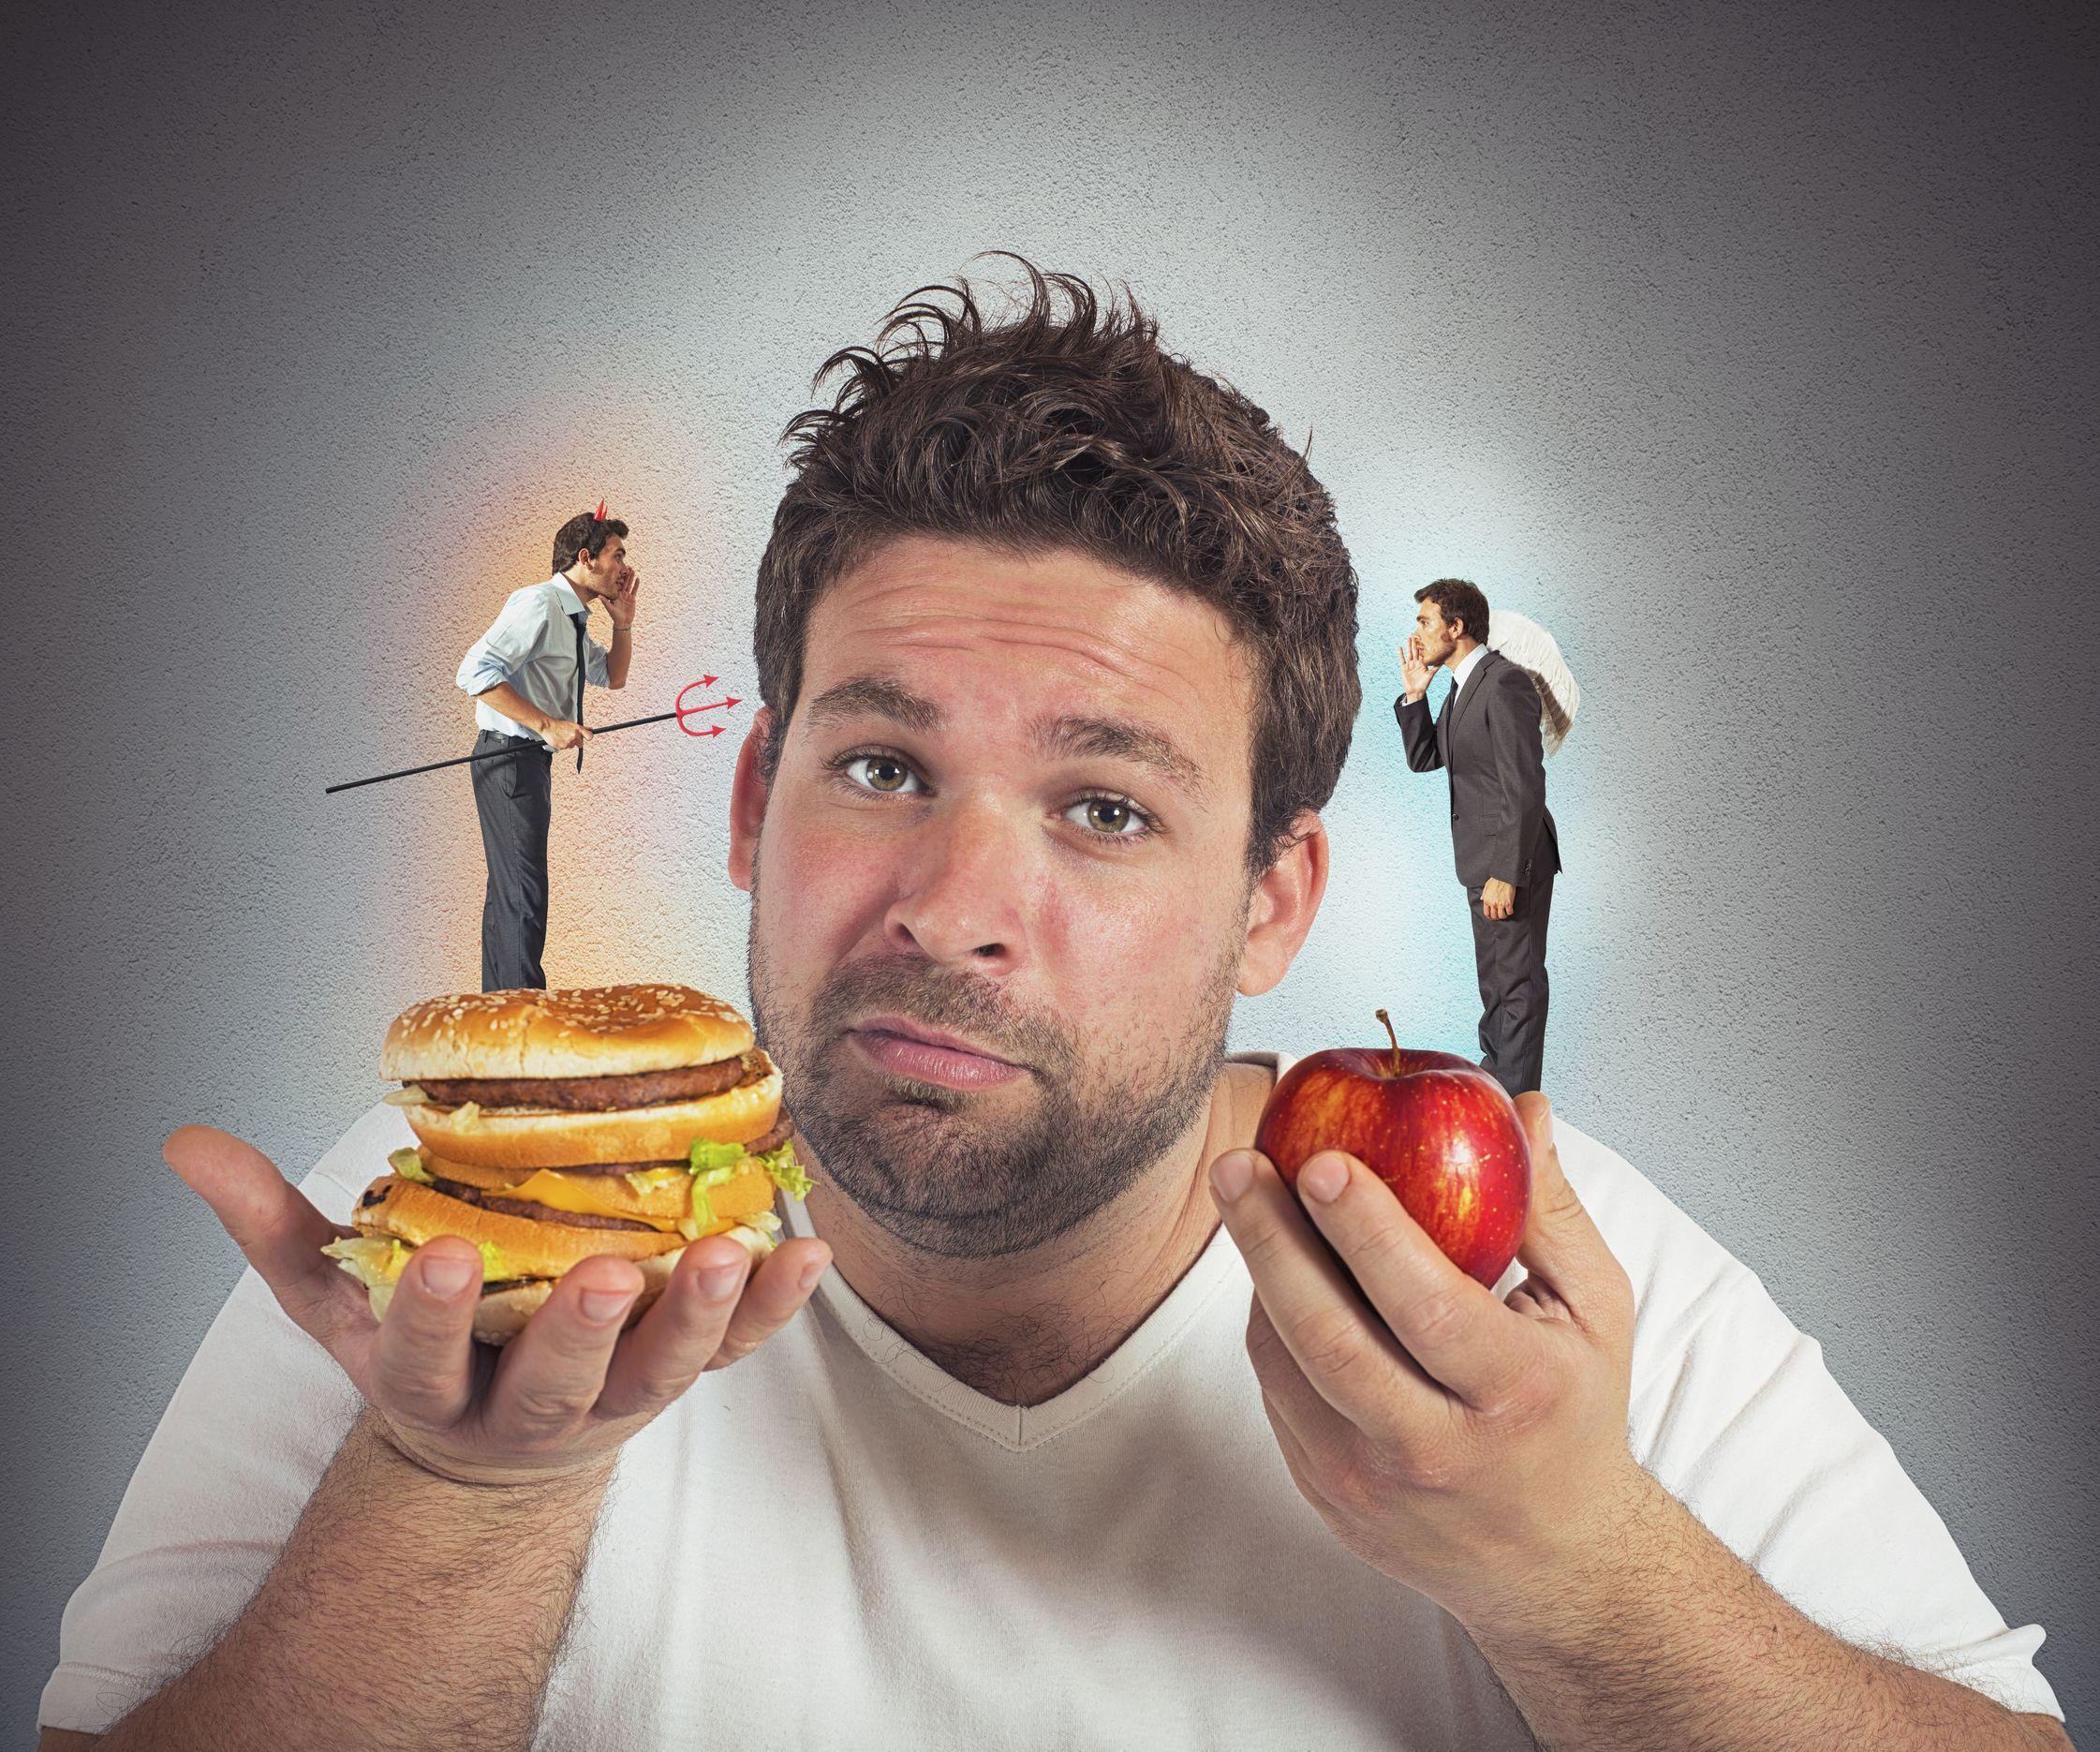 mit tegyek fogyás nélkül, diéta nélkül